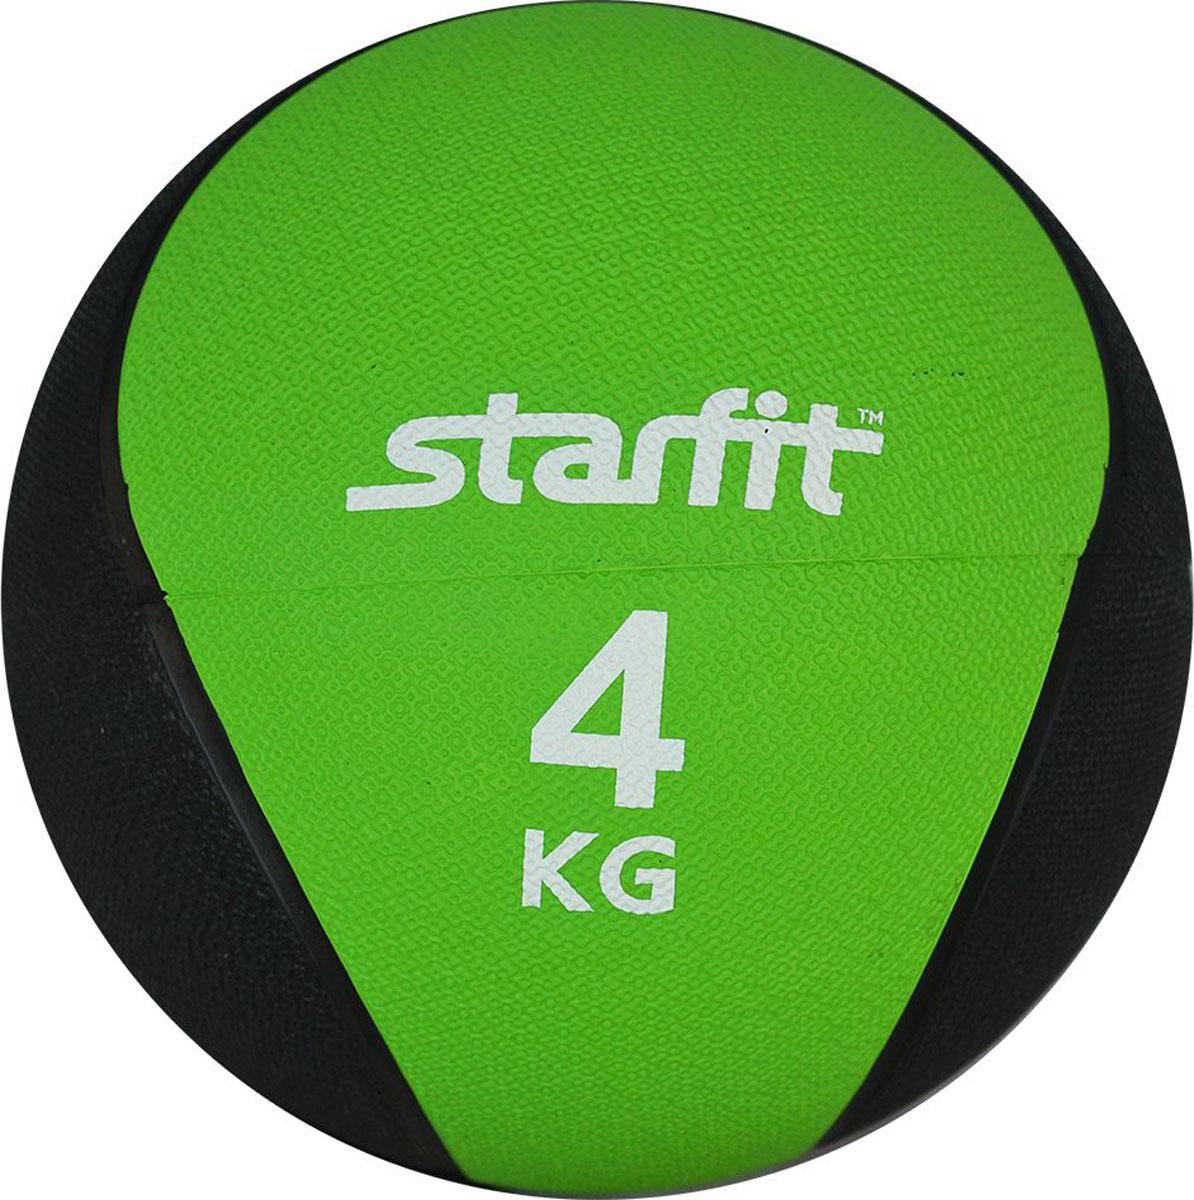 Медицинбол Starfit Pro GB-702, цвет: зеленый, 4 кгУТ-00007301Медицинбол Starfit Pro GB-702 - это важный аксессуар для функциональной тренировки тела. Серия медболов PRO Starfit отличается повышенной плотностью и жесткостью поверхности, а также ярким цветным дизайном.Медбол используют в групповых программах, функциональном тренинге, бодибилдинге и фитнесе. Также его используют профессиональные спортсмены в единоборствах. Помогает в тренировке мышц кора (пресса), мышц рук, грудной клетки, спины, плеч, ног и ягодиц. Фактически с помощью него можно провести полноценную тренировку для всего организма.Характеристики:Вес: 4 кг.Диаметр: 22,8 см.